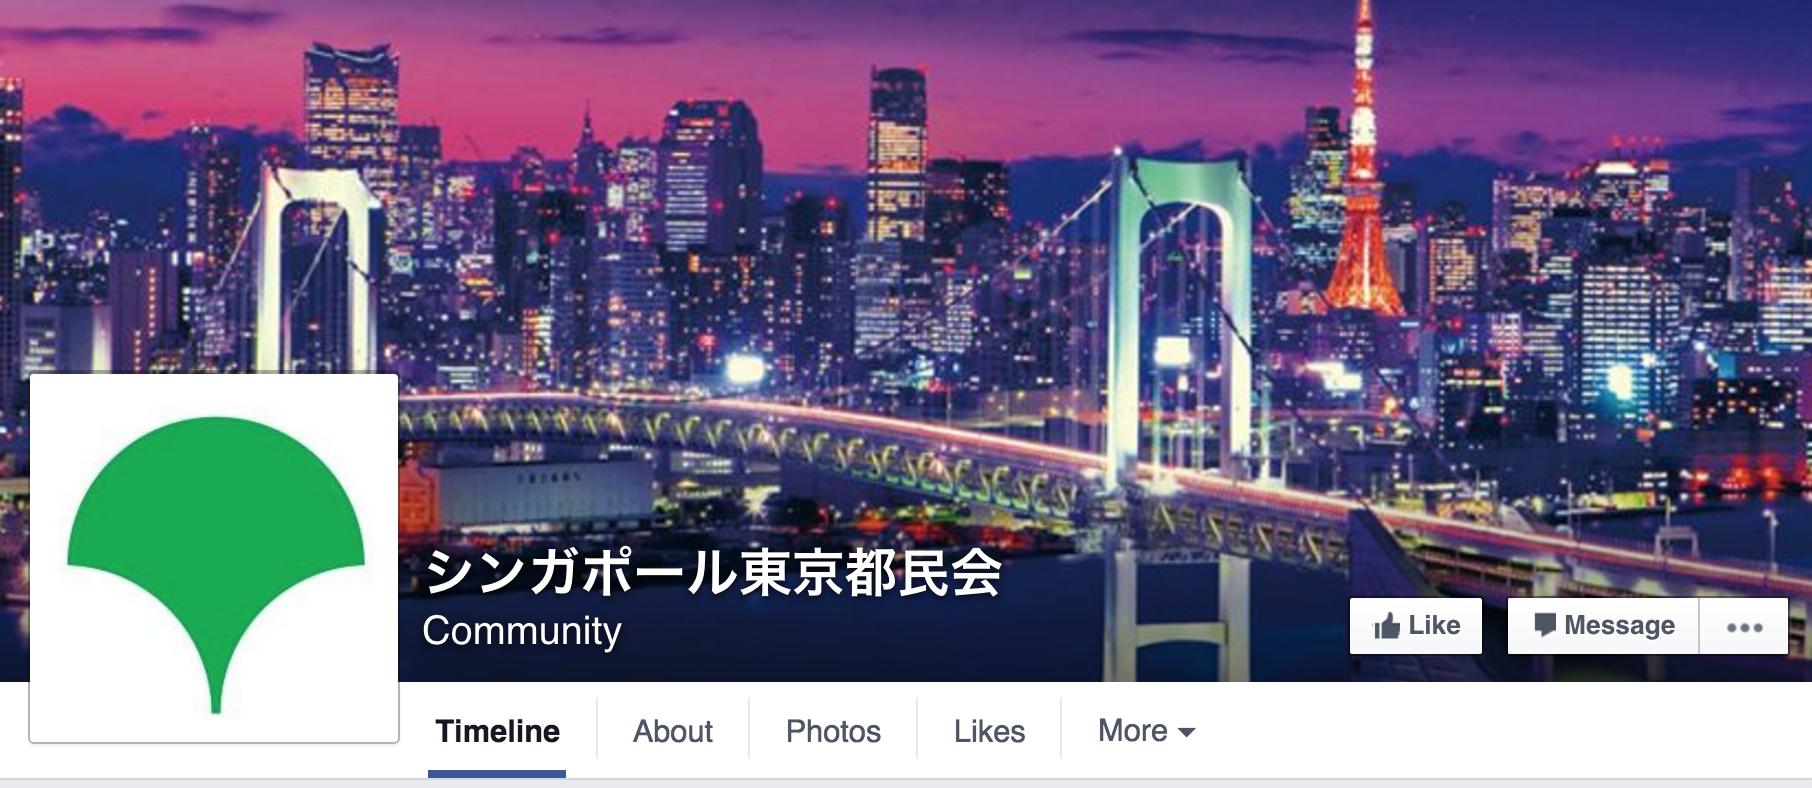 シンガポール都民会のFacebookのページが出来たっぽい。